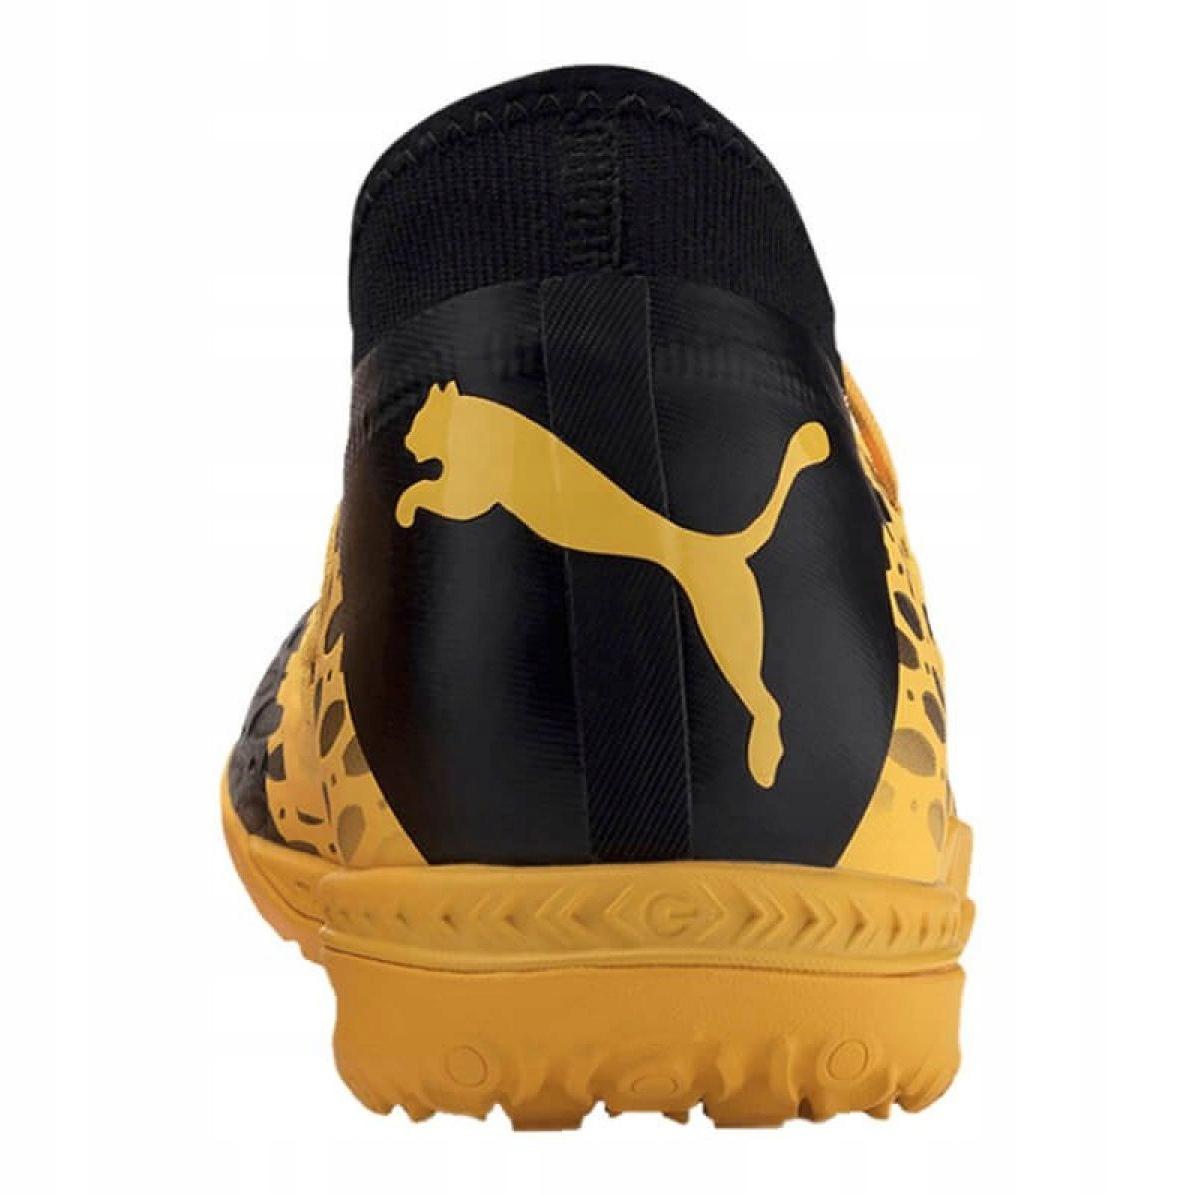 Buty piłkarskie Puma Future 18.4 Tt M 104339 01 żółte czarny, zielony, pomarańczowy